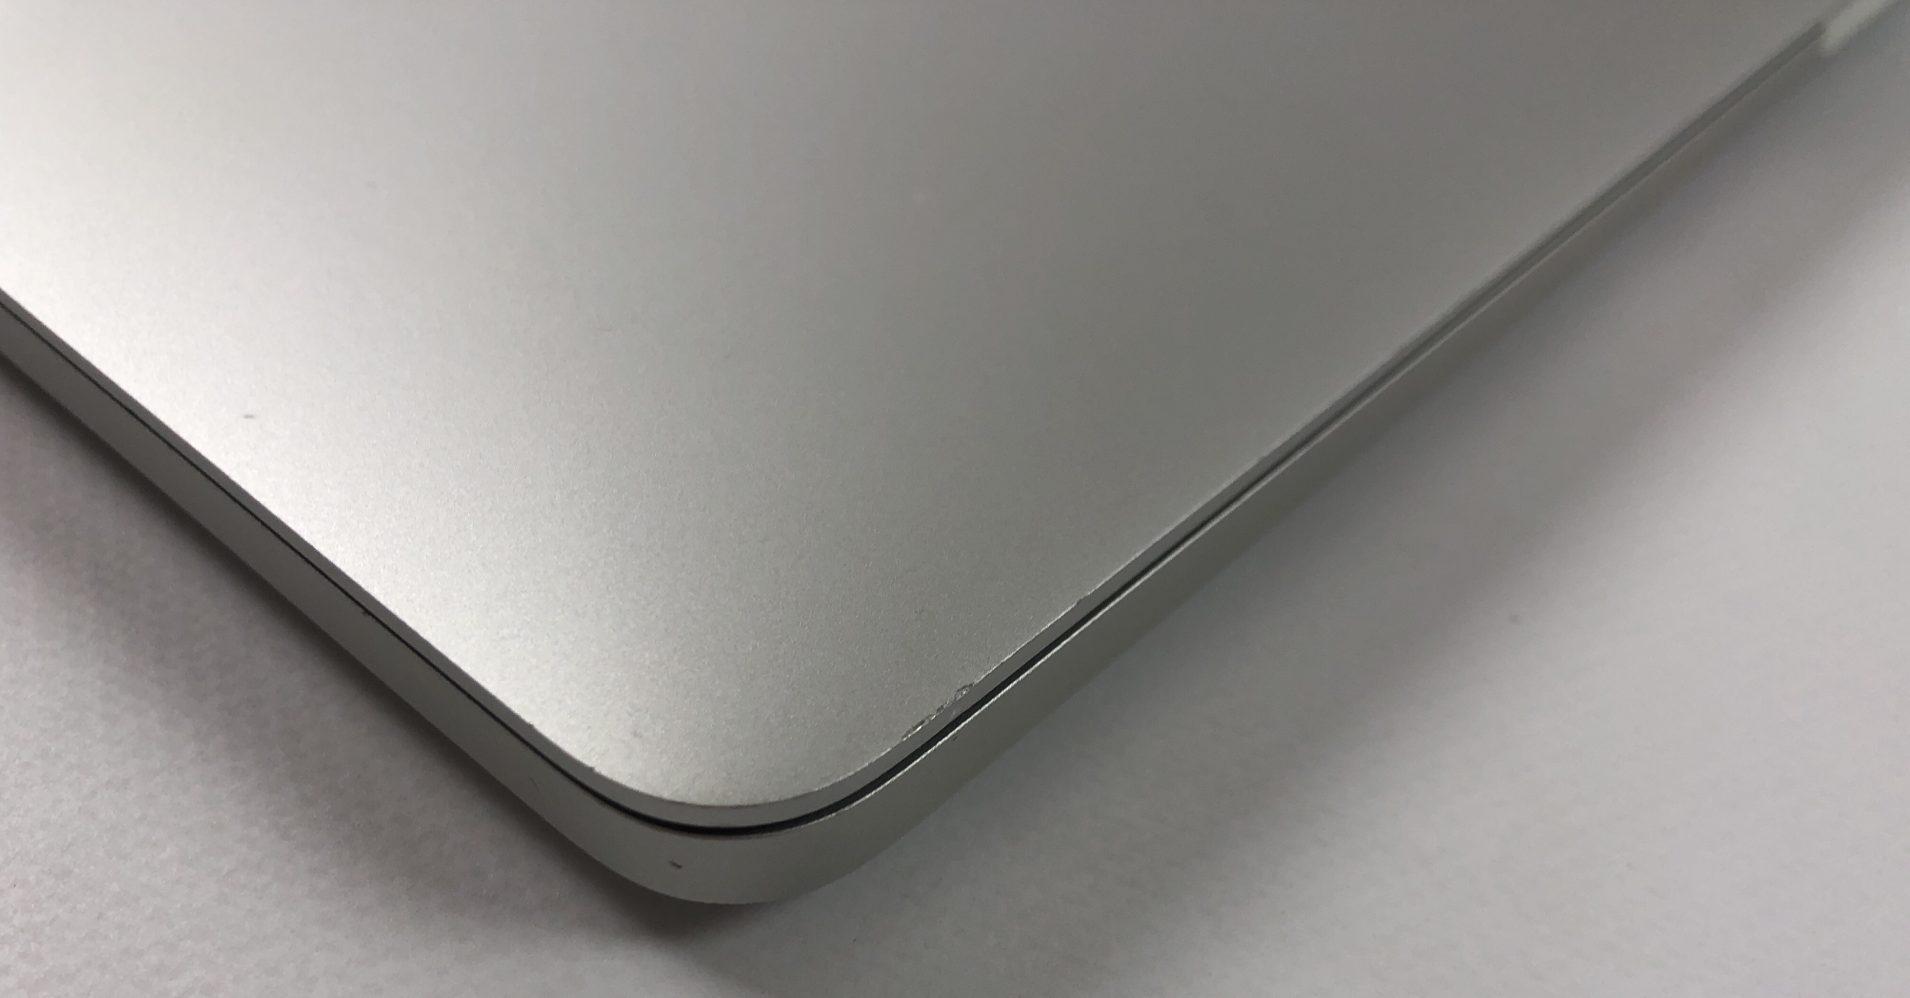 """MacBook Pro 13"""" 2TBT Mid 2017 (Intel Core i7 2.5 GHz 16 GB RAM 512 GB SSD), Silver, Intel Core i7 2.5 GHz, 16 GB RAM, 512 GB SSD, image 4"""